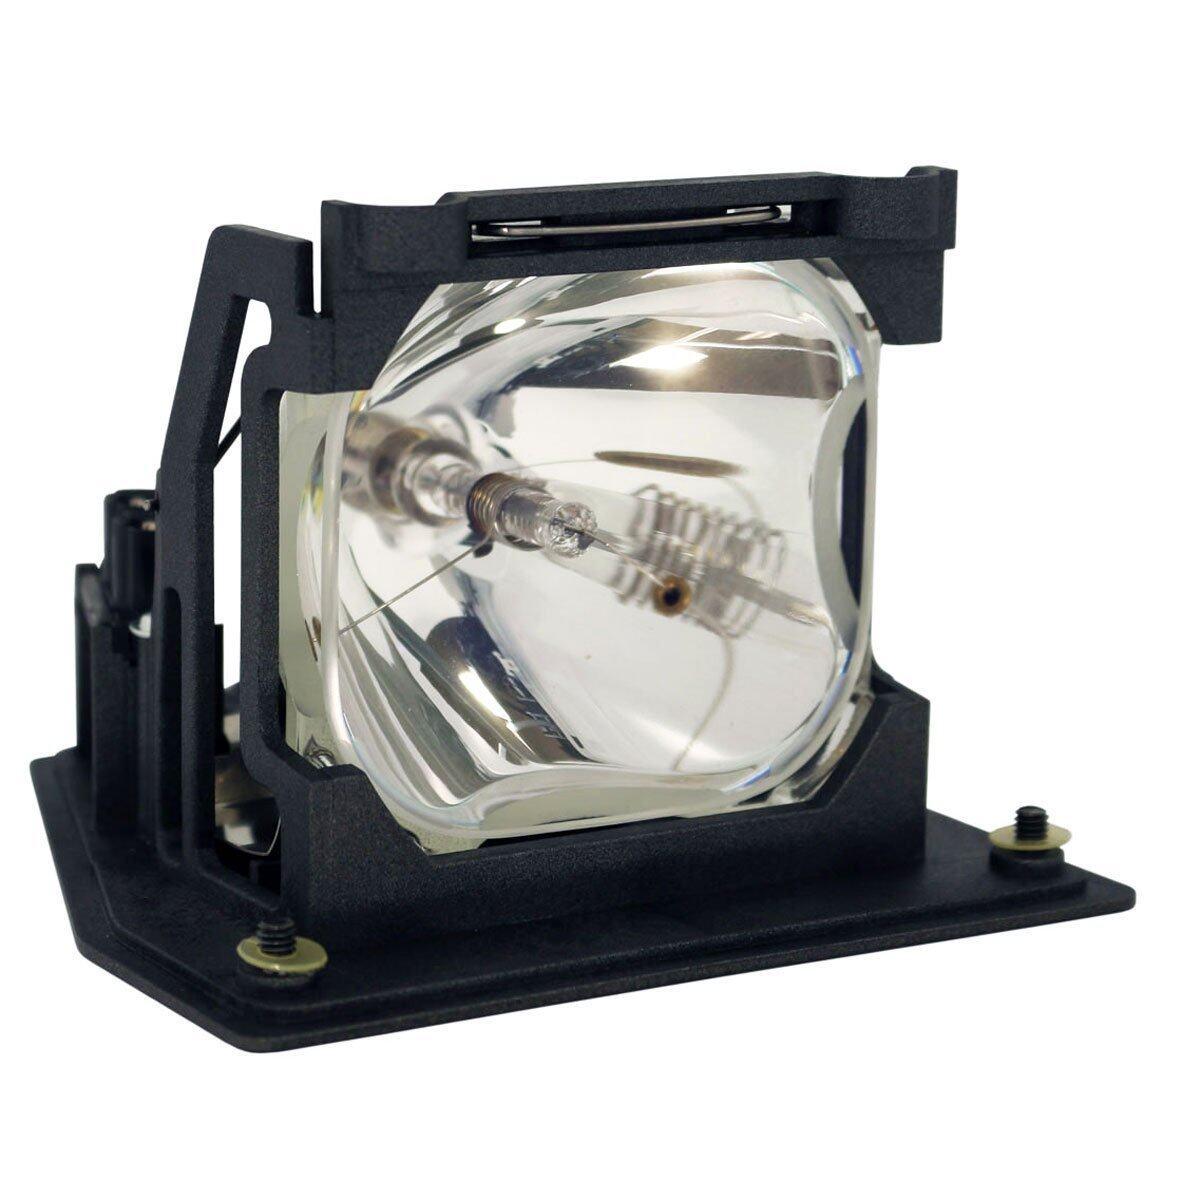 SP-LAMP-031 SPLAMP031 untuk Infocus IN12/ASK M8/ASK C105 Lampu Proyektor Bohlam dengan Perumahan-Internasional